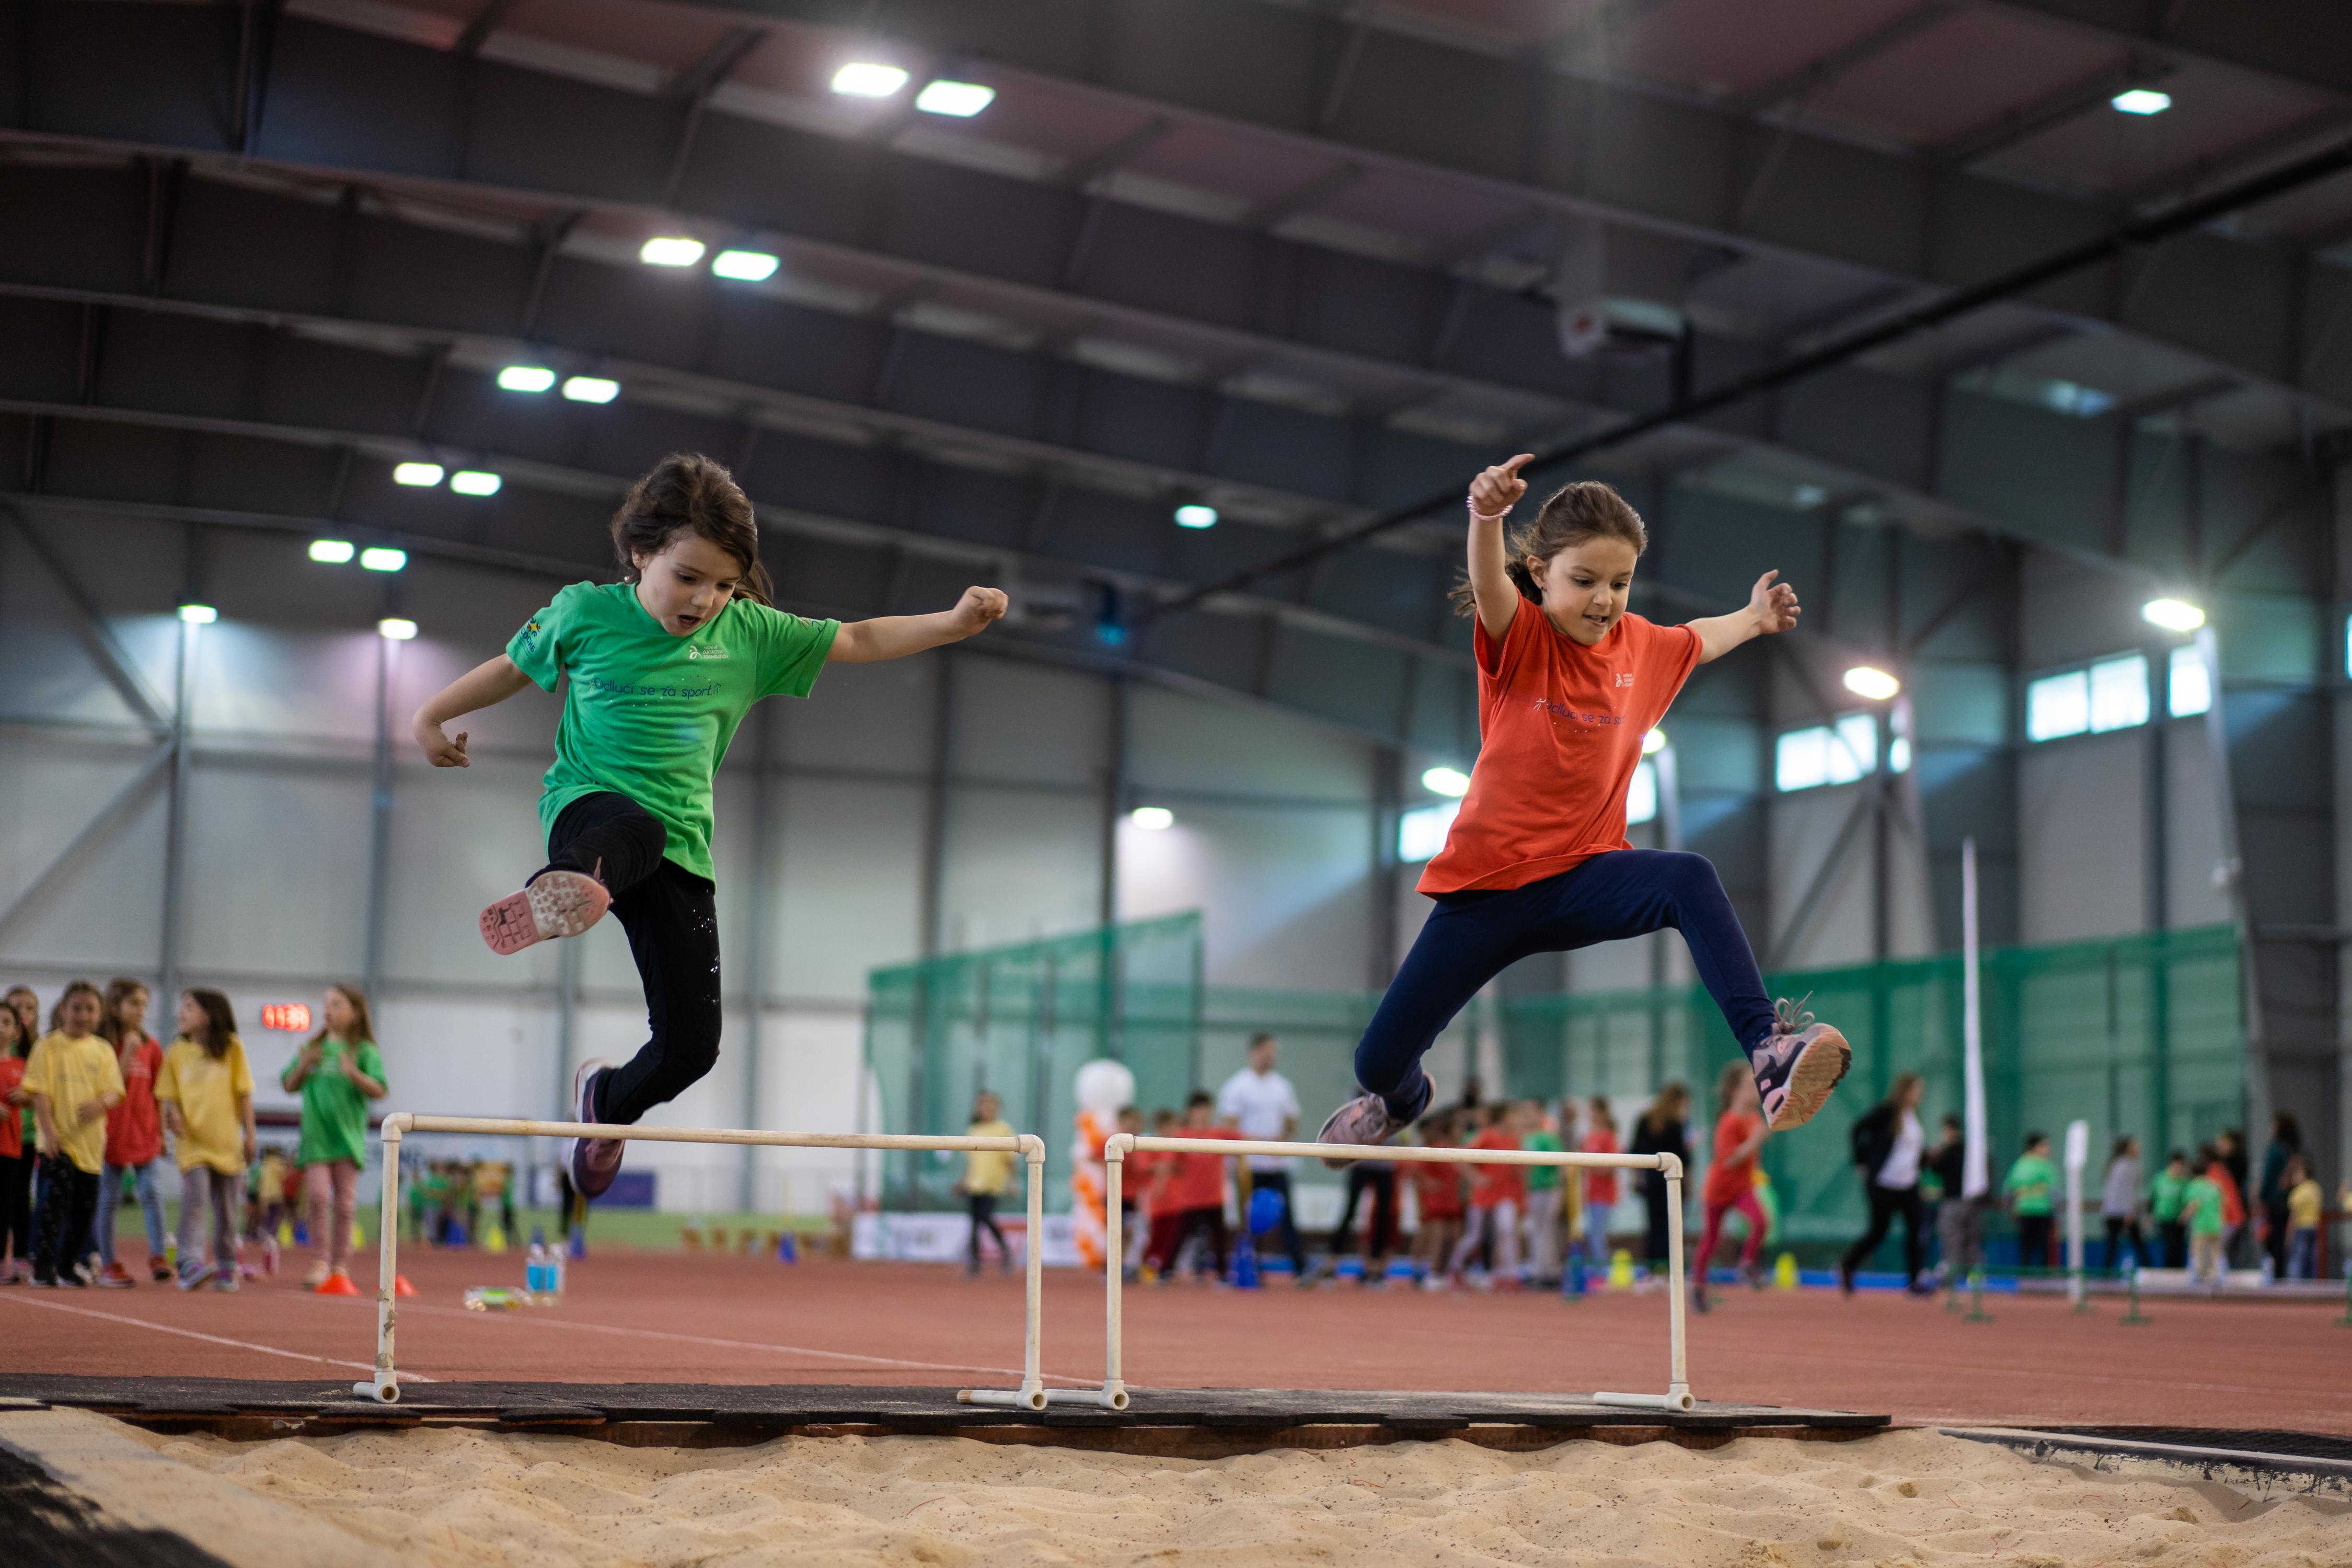 Vežbe vizualizacije su odličan način da deca poprave svoje motoričke sposobnosti kao i veštine koncentracije i disanja, što je izuzetno važno za njihovo pravilno i zdravo mentalno i fizičko razvijanje.